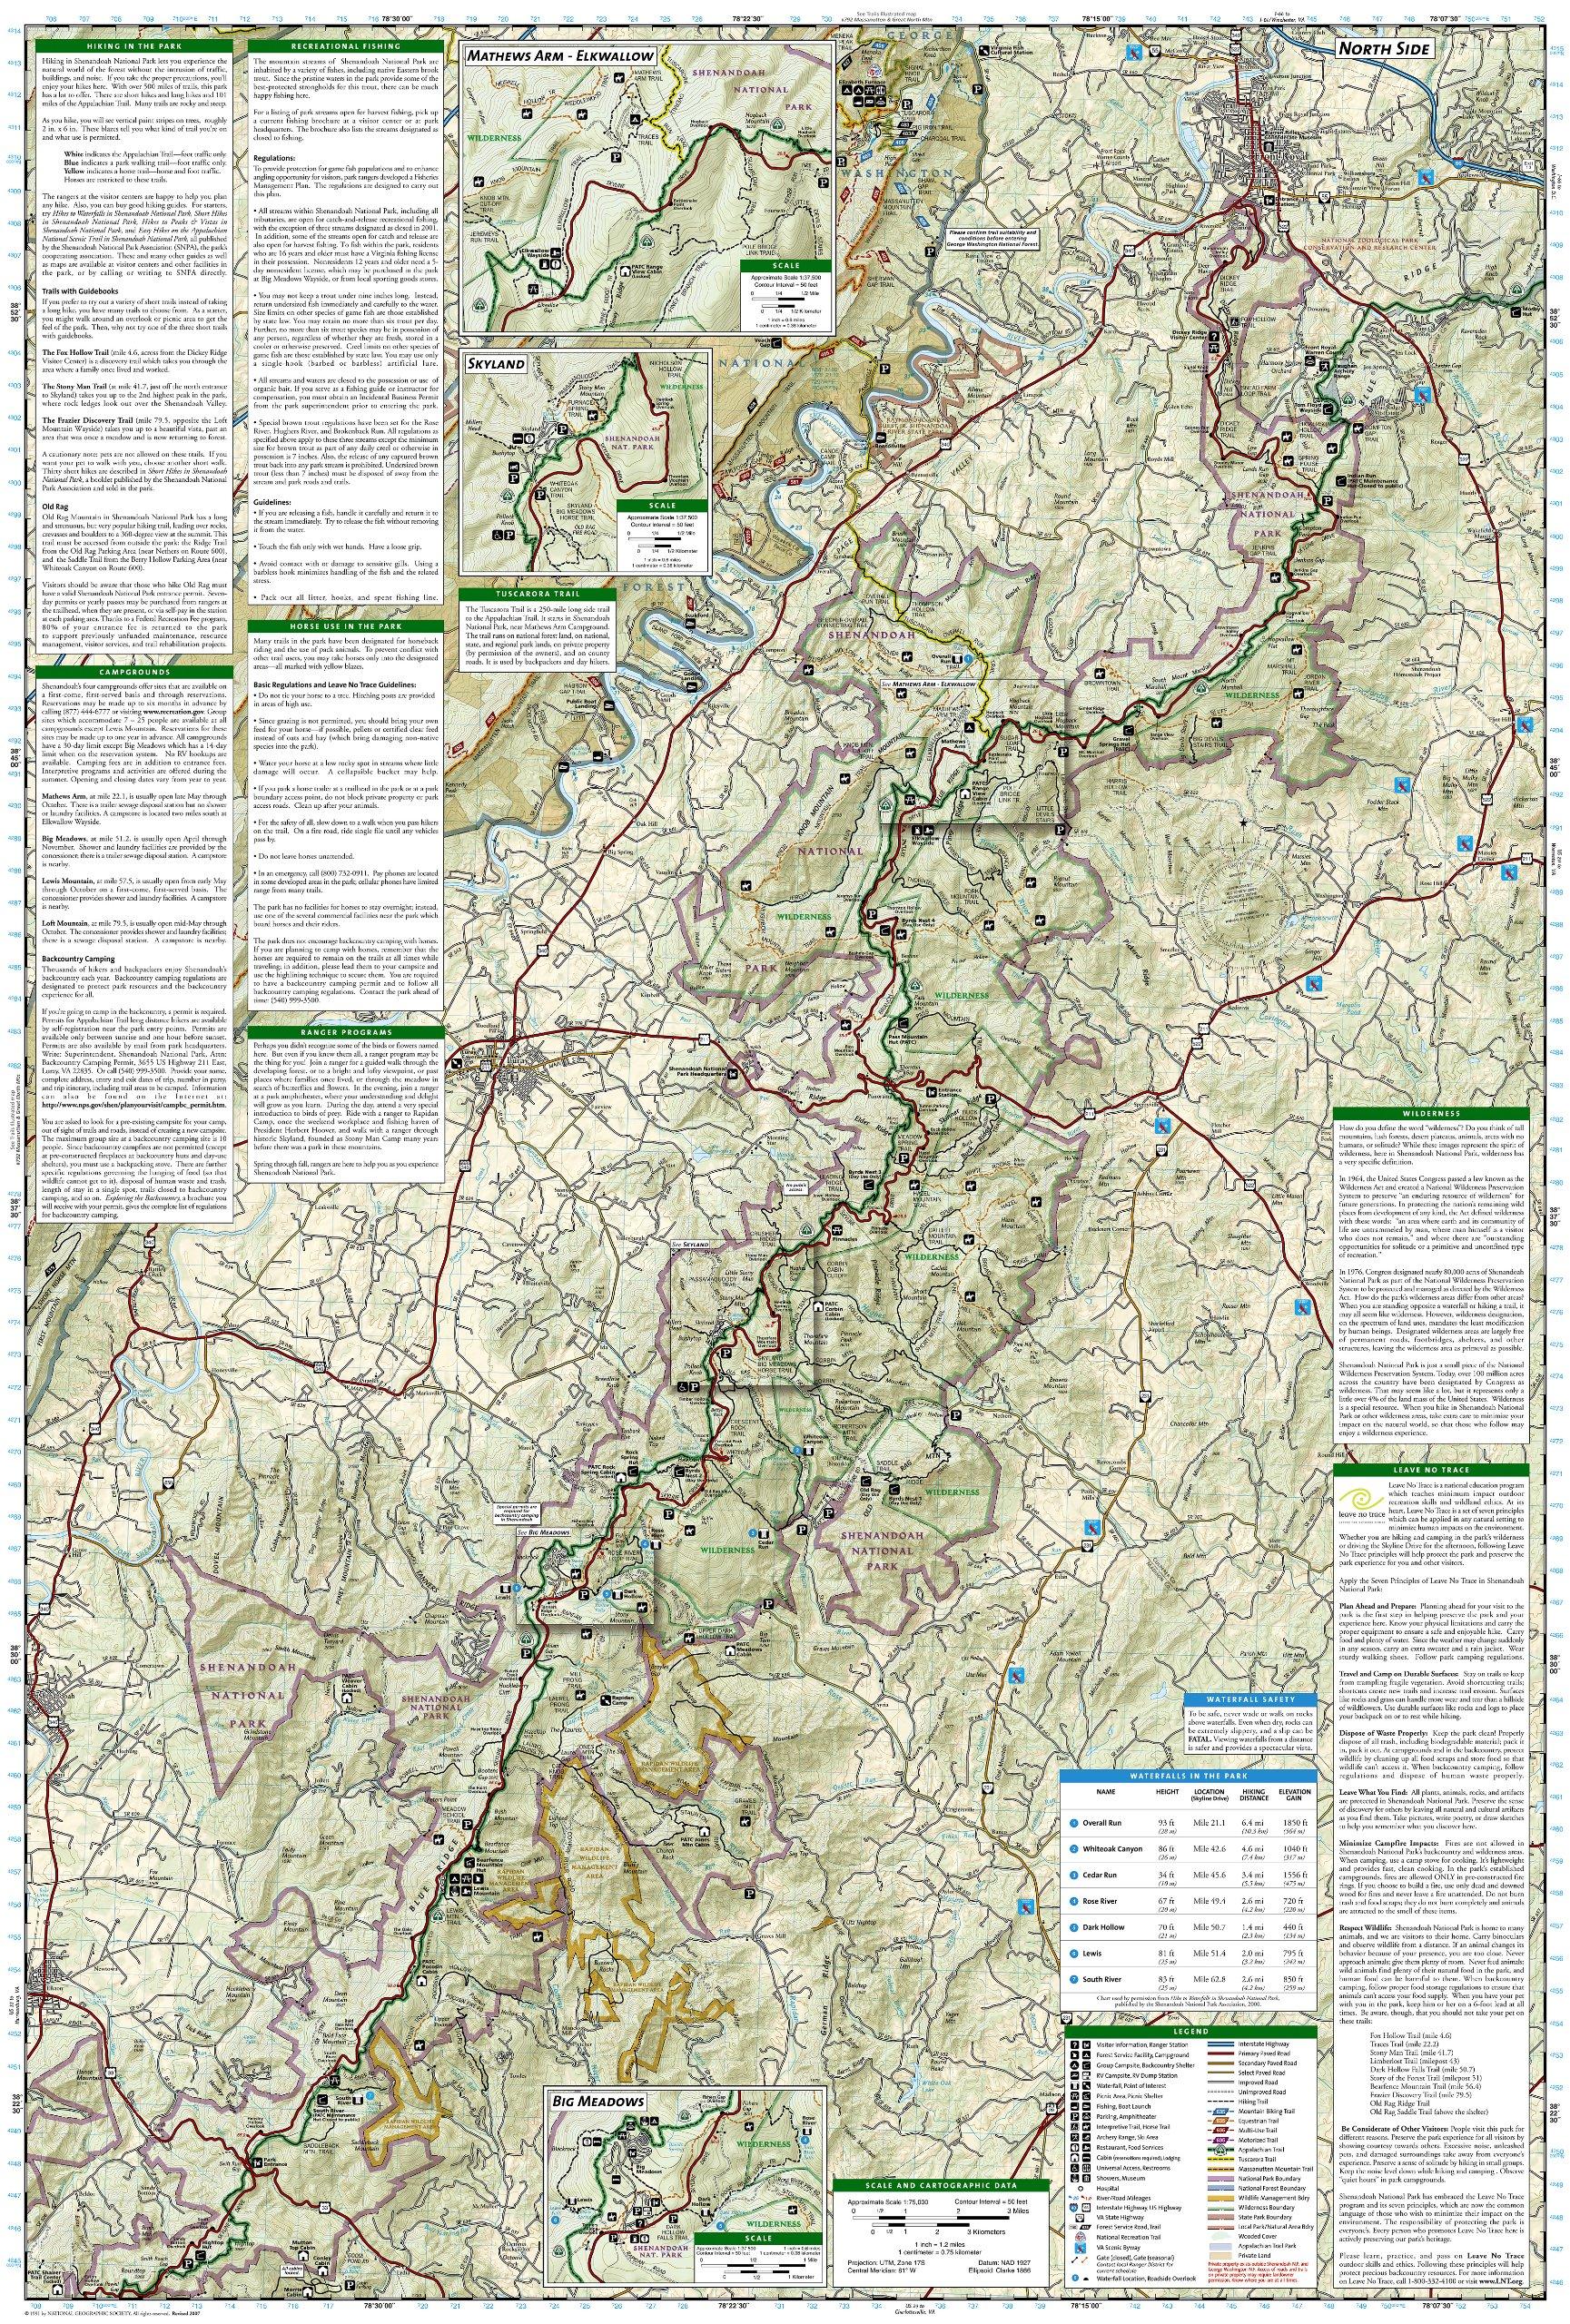 Shenandoah National Park Trails Illustrated National Parks